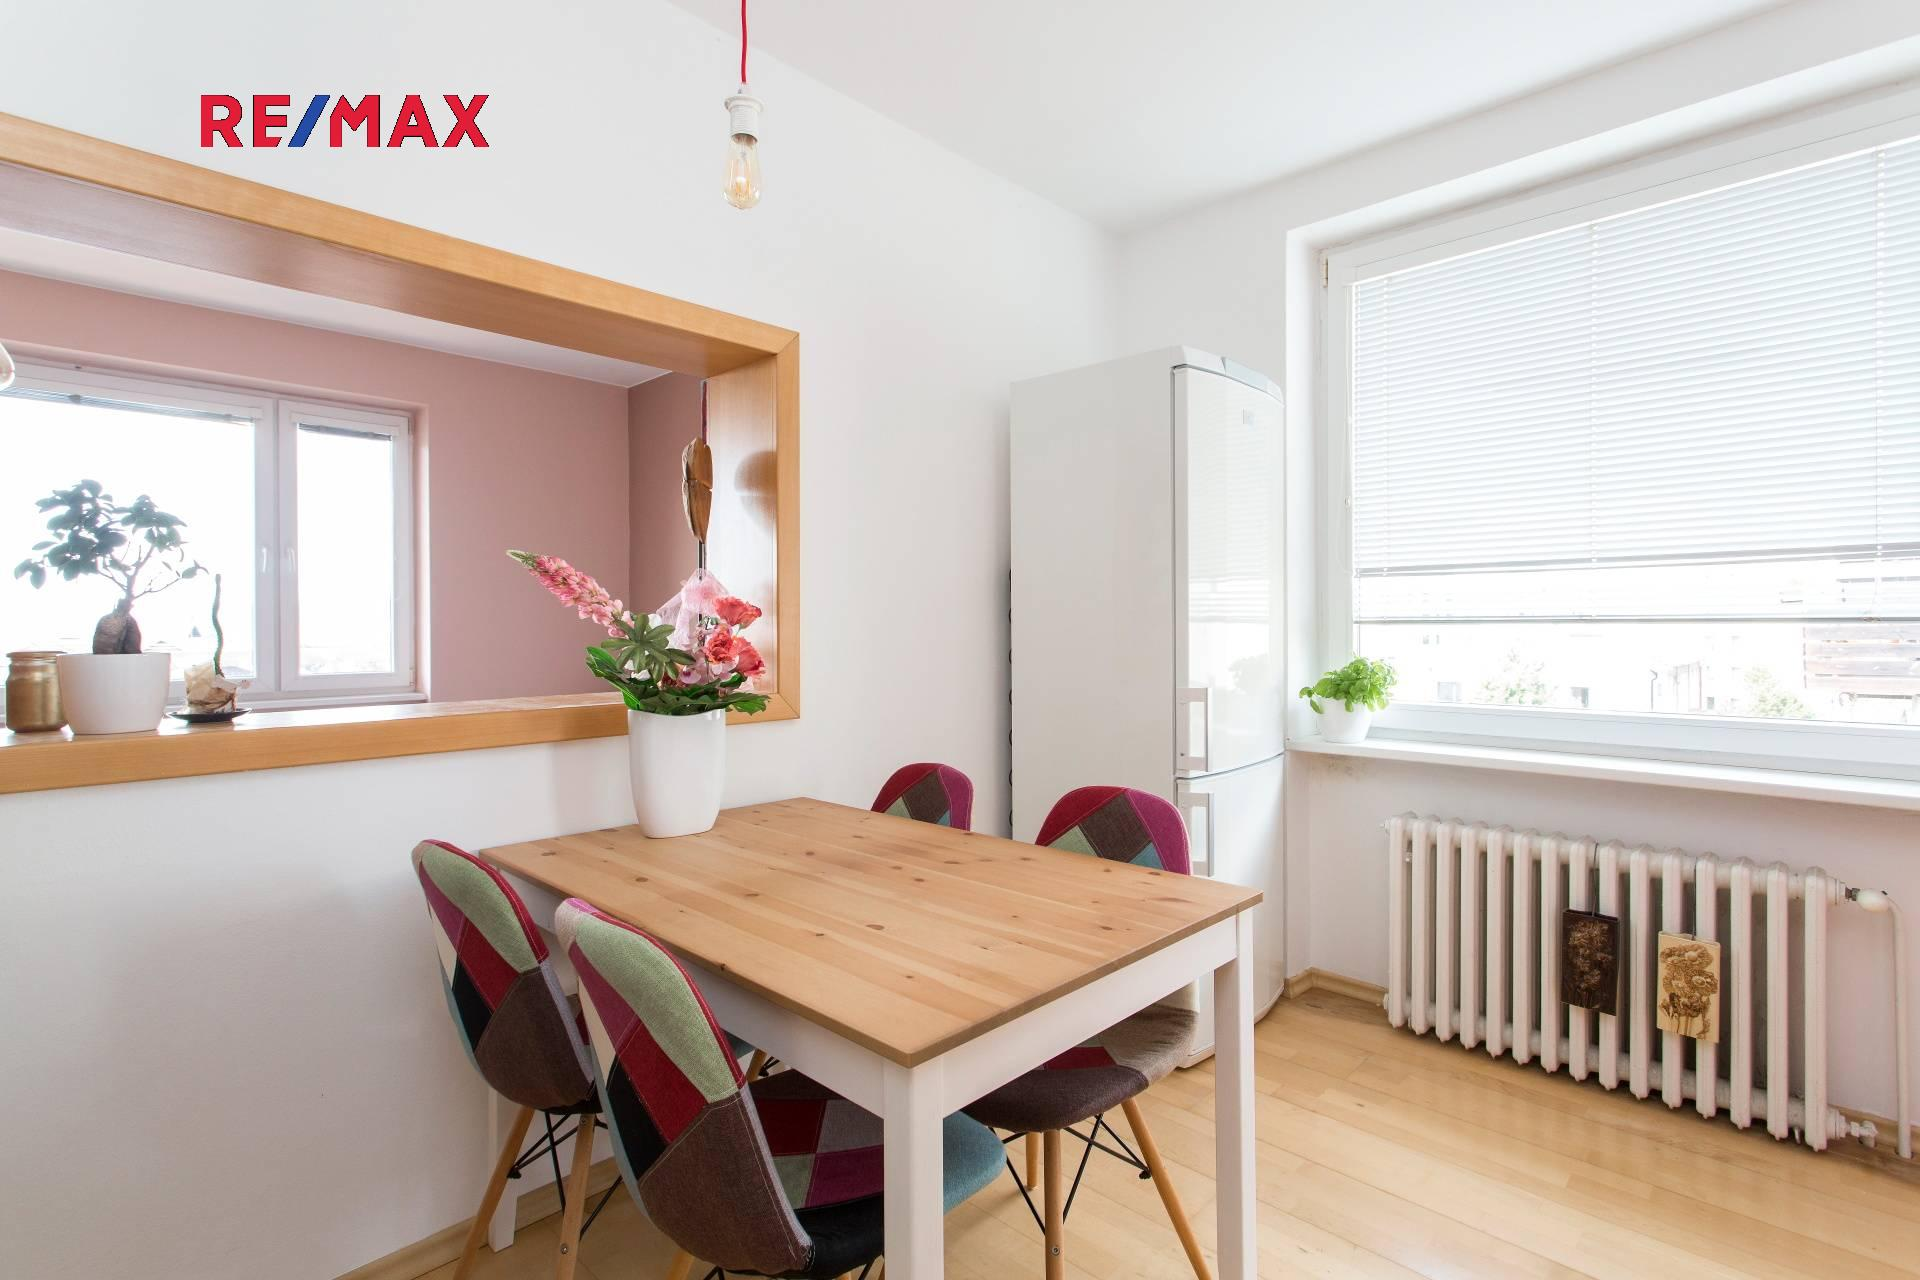 Kuchyně s oknem do obývacího pokoje